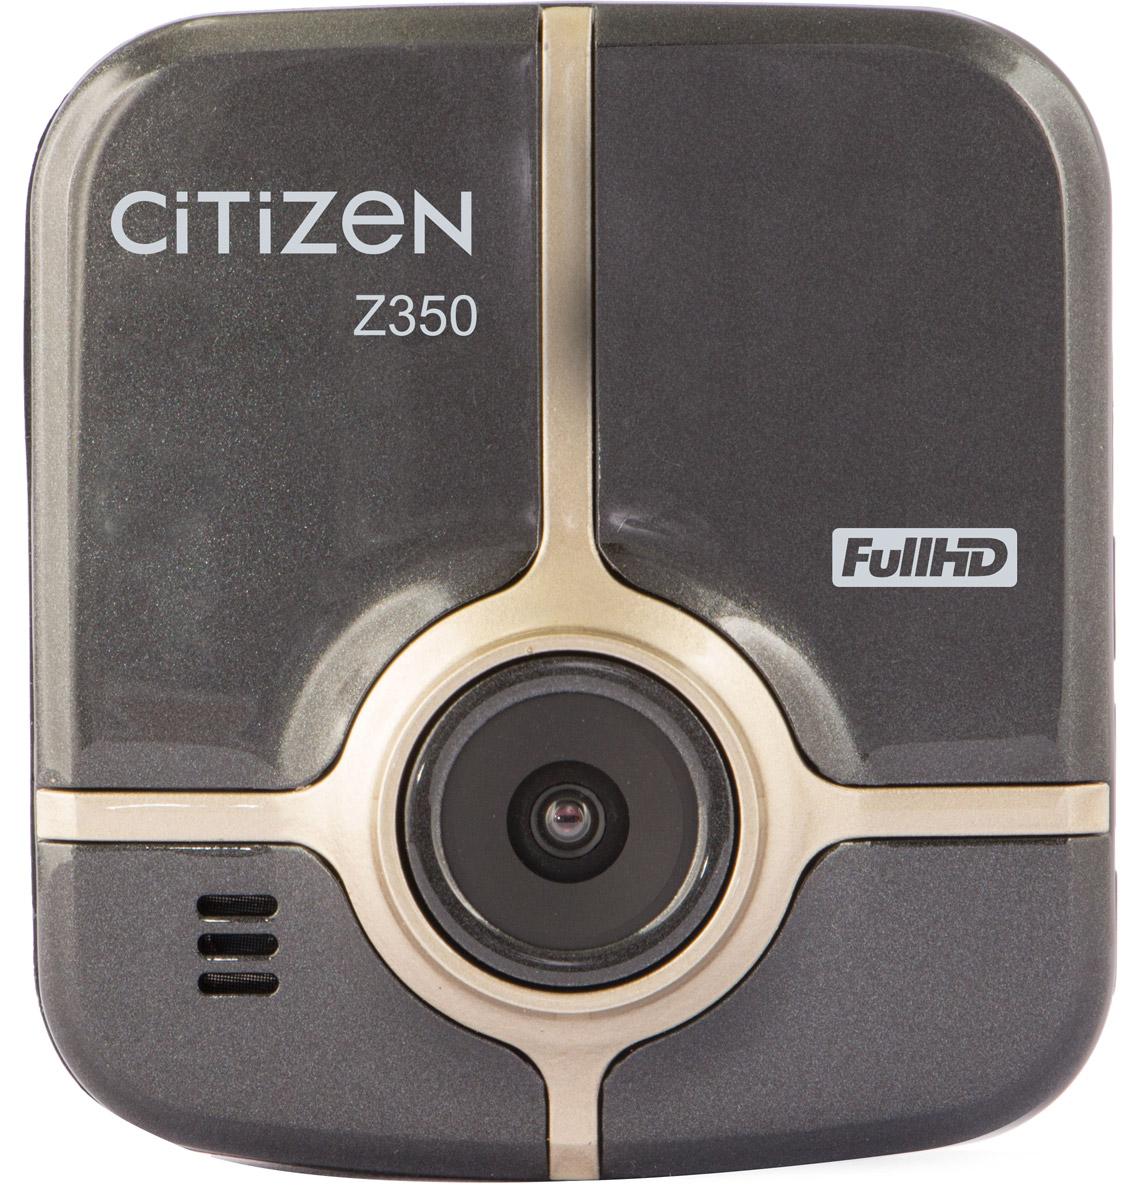 CiTiZeN Z350 автомобильный видеорегистраторZ350CiTiZeN Z350 - видеорегистратор с технологией улучшения качества изображения PsiTECH. Видеорегистратор позволяет получить превосходную детализацию и чёткость изображения при любом освещении, например без усилий рассмотреть номерные знаки автомобилей, сигналы светофора и другие важные нюансы, благодаря технологиям стабилизации изображения и WDR. После введения несложных пользовательских настроек и подключения к бортовой сети автомобиля прибор не требует никаких дополнительных действий в процессе использования. Включение и выключение происходит автоматически поворотом ключа в замке зажигания (зависит от конструкции вашего автомобиля). Встроенный датчик удара (G-сенсор) во время движения или ускорения, в случае удара или резкого торможения, автоматически переводит регистратор в аварийный режим работы и защищает видеофайл от стирания. Благодаря наличию видеозаписи, появляется возможность аргументировано отстаивать свою позицию в спорной...